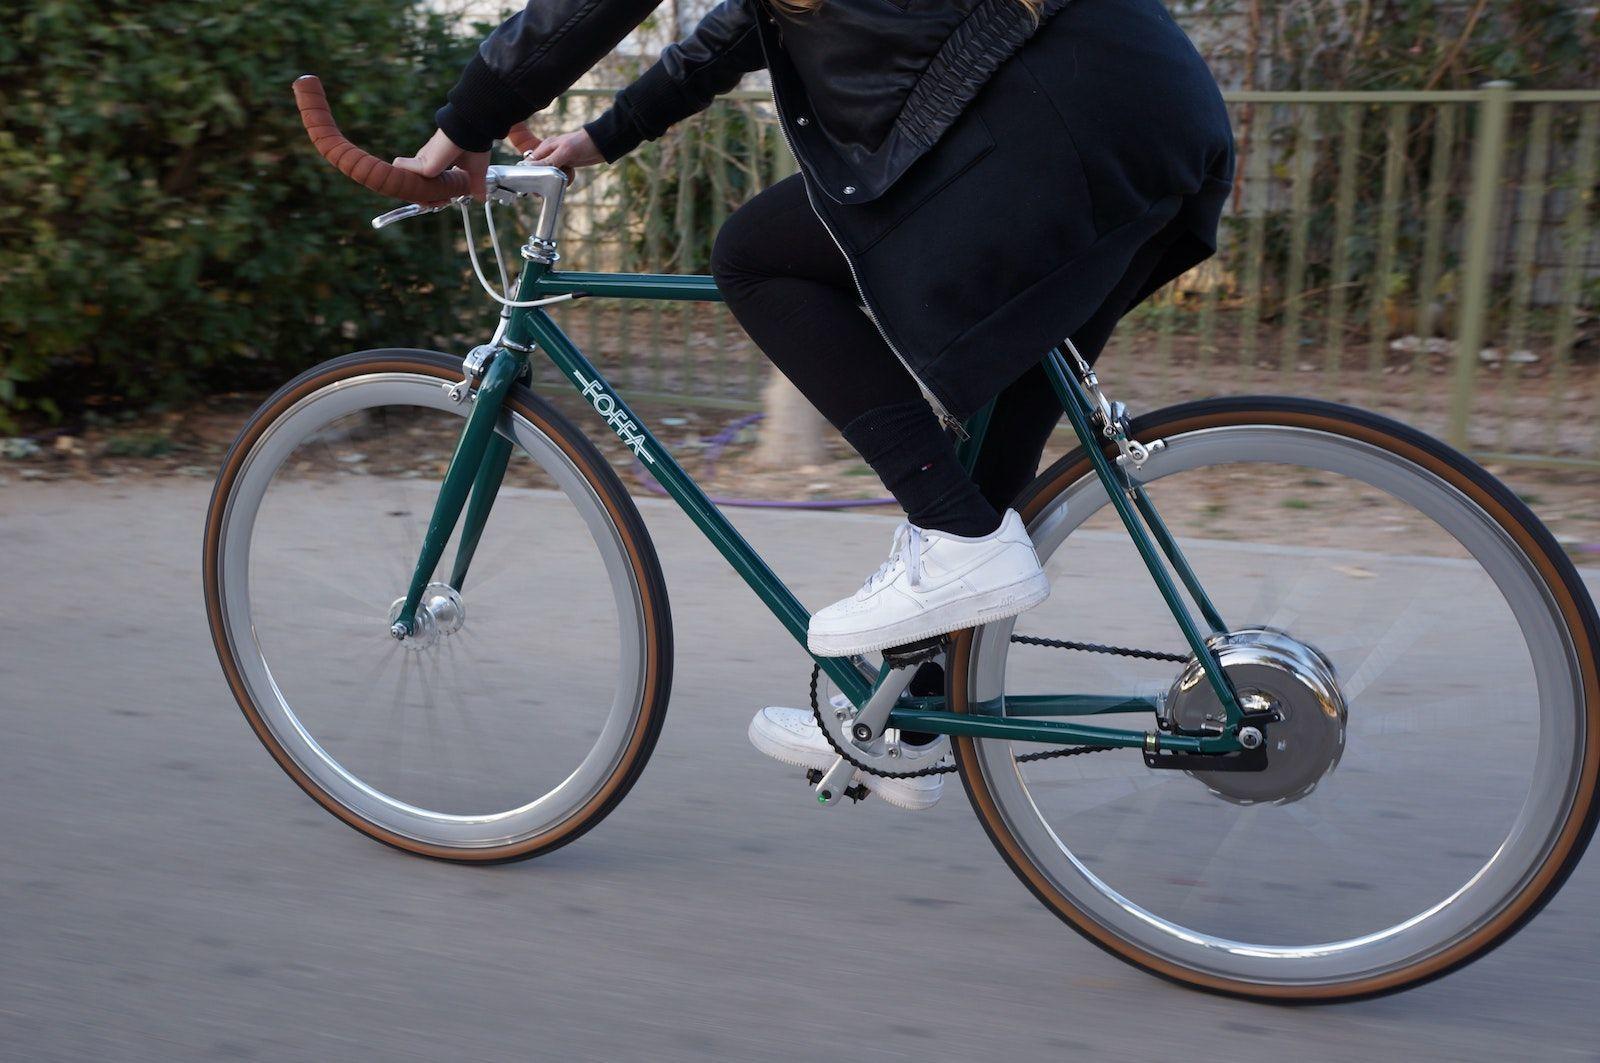 Napęd elektryczny do roweru, czyli zrób to sam